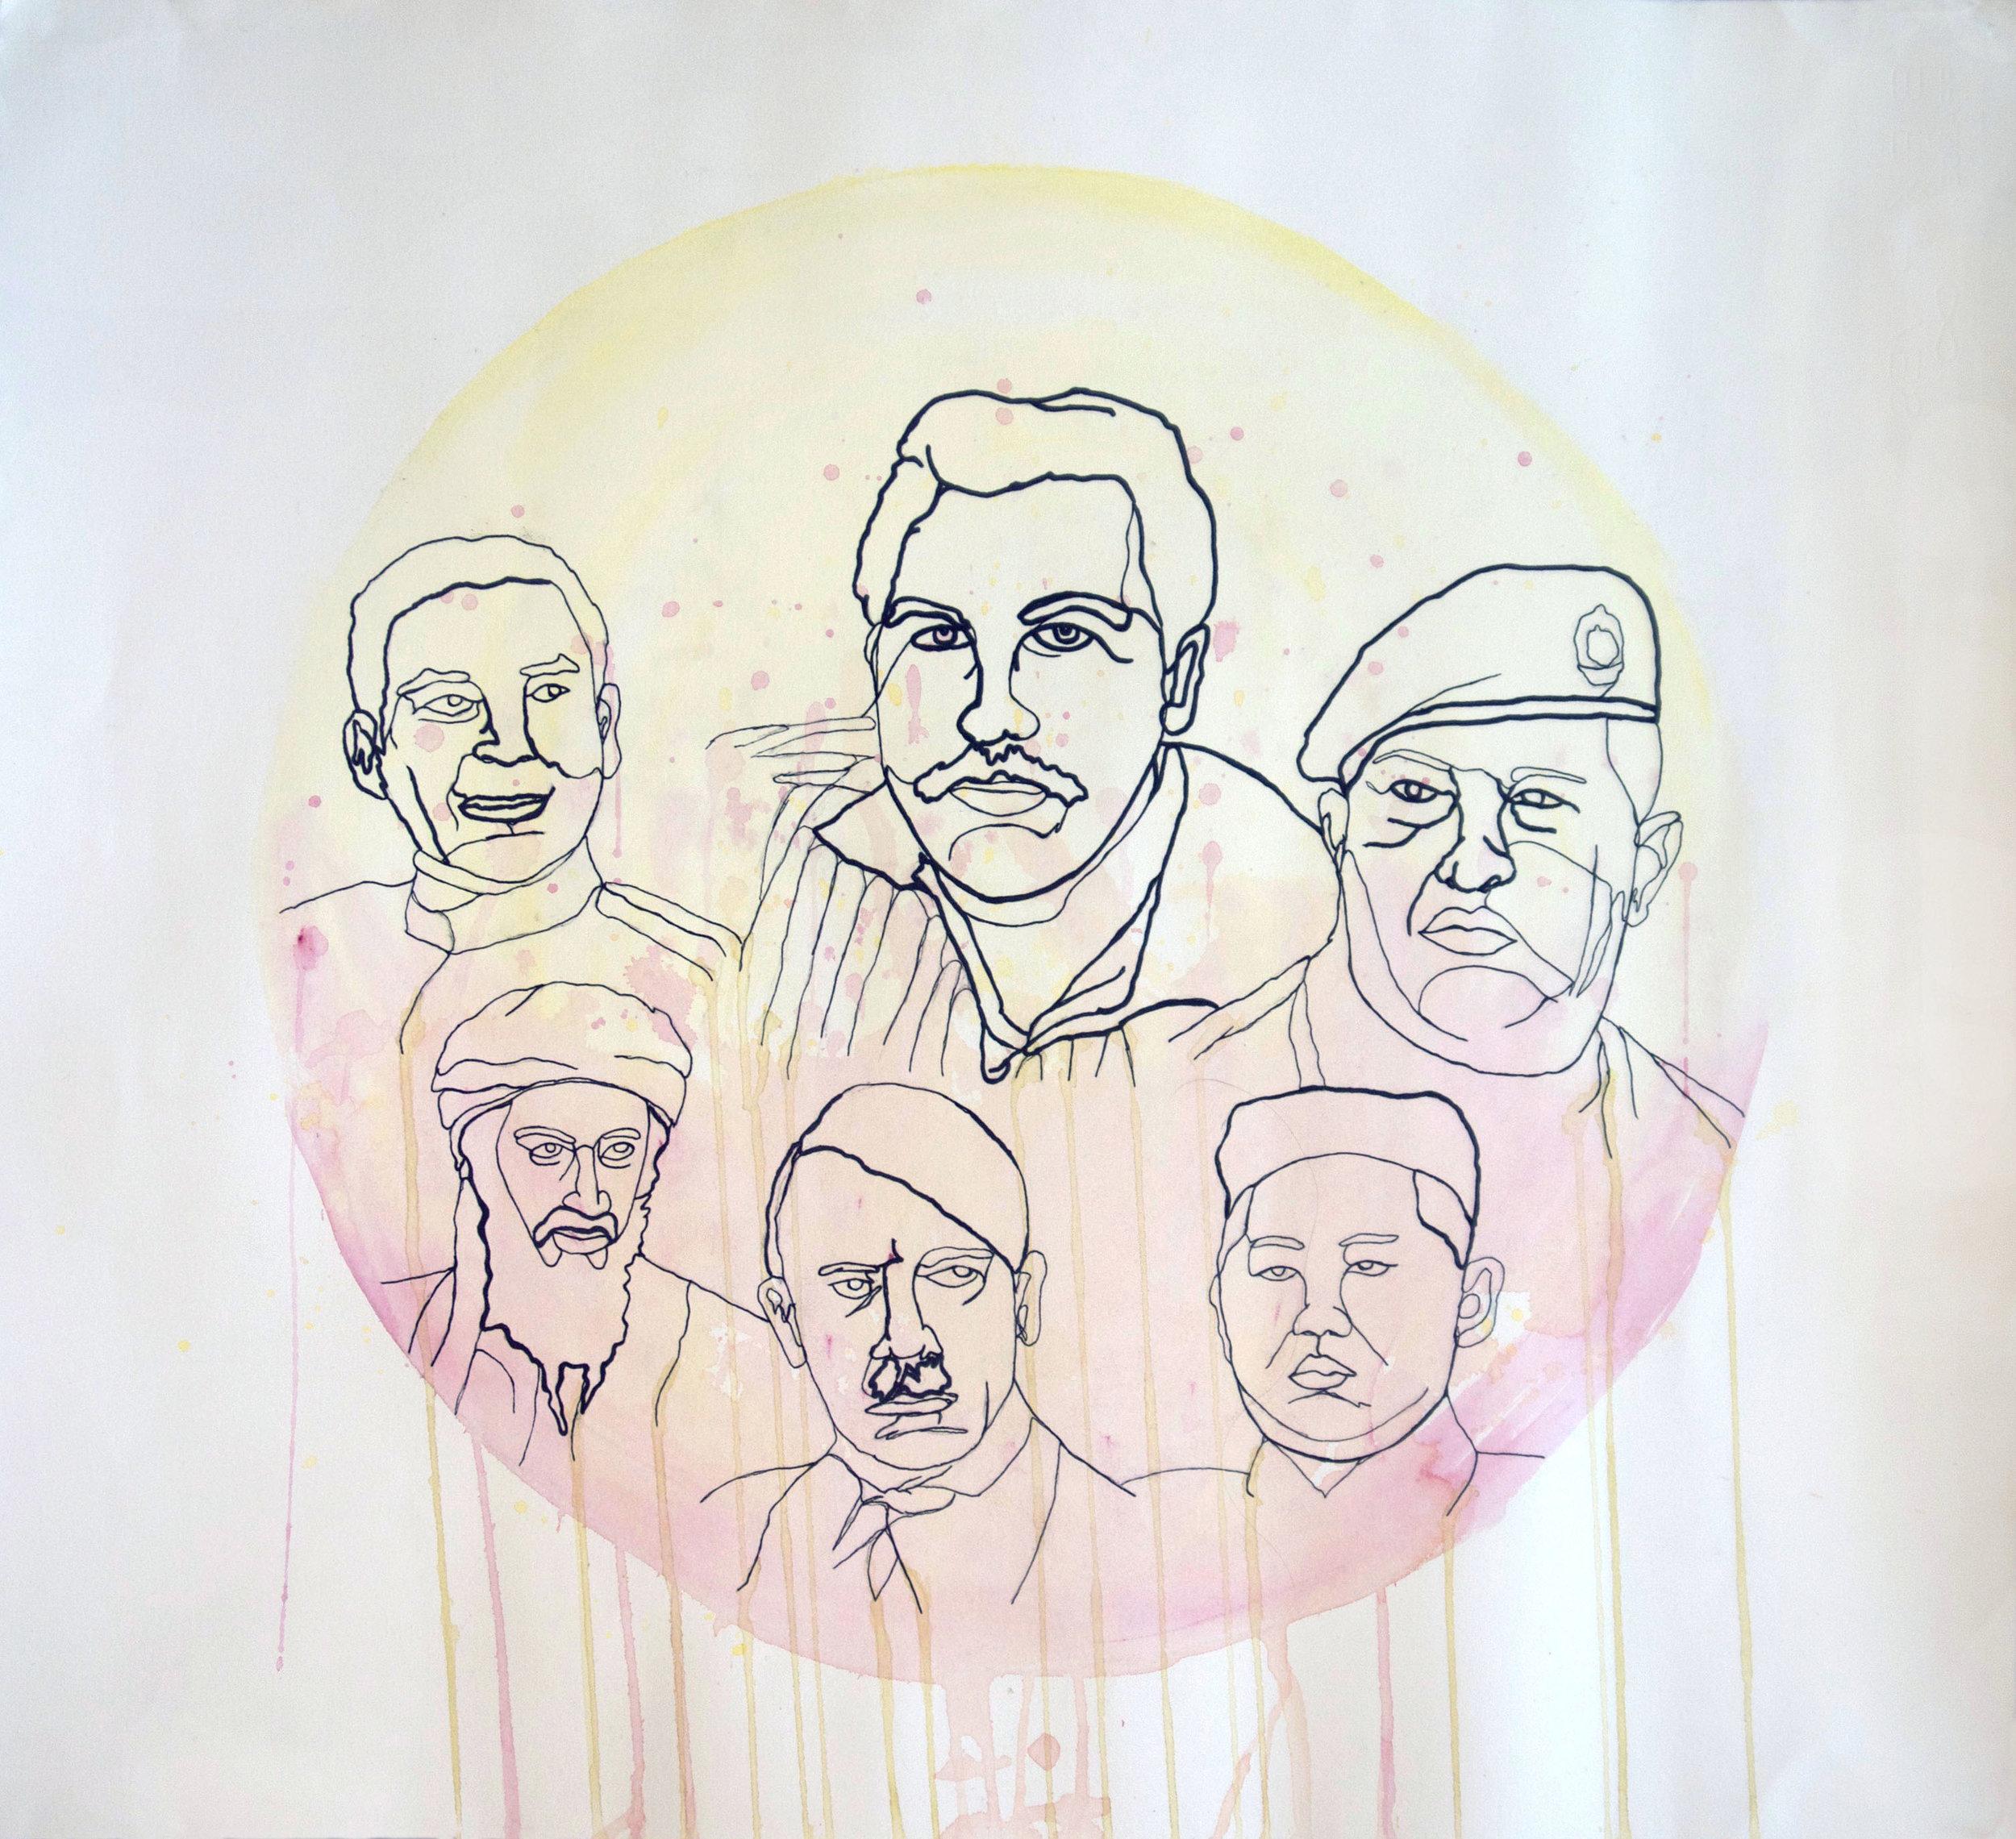 From left to right: Fulgencio Batista, Pablo Escobar, Hugo Chávez, Osama Bin Laden, Adolf Hitler, Kim Jong-un